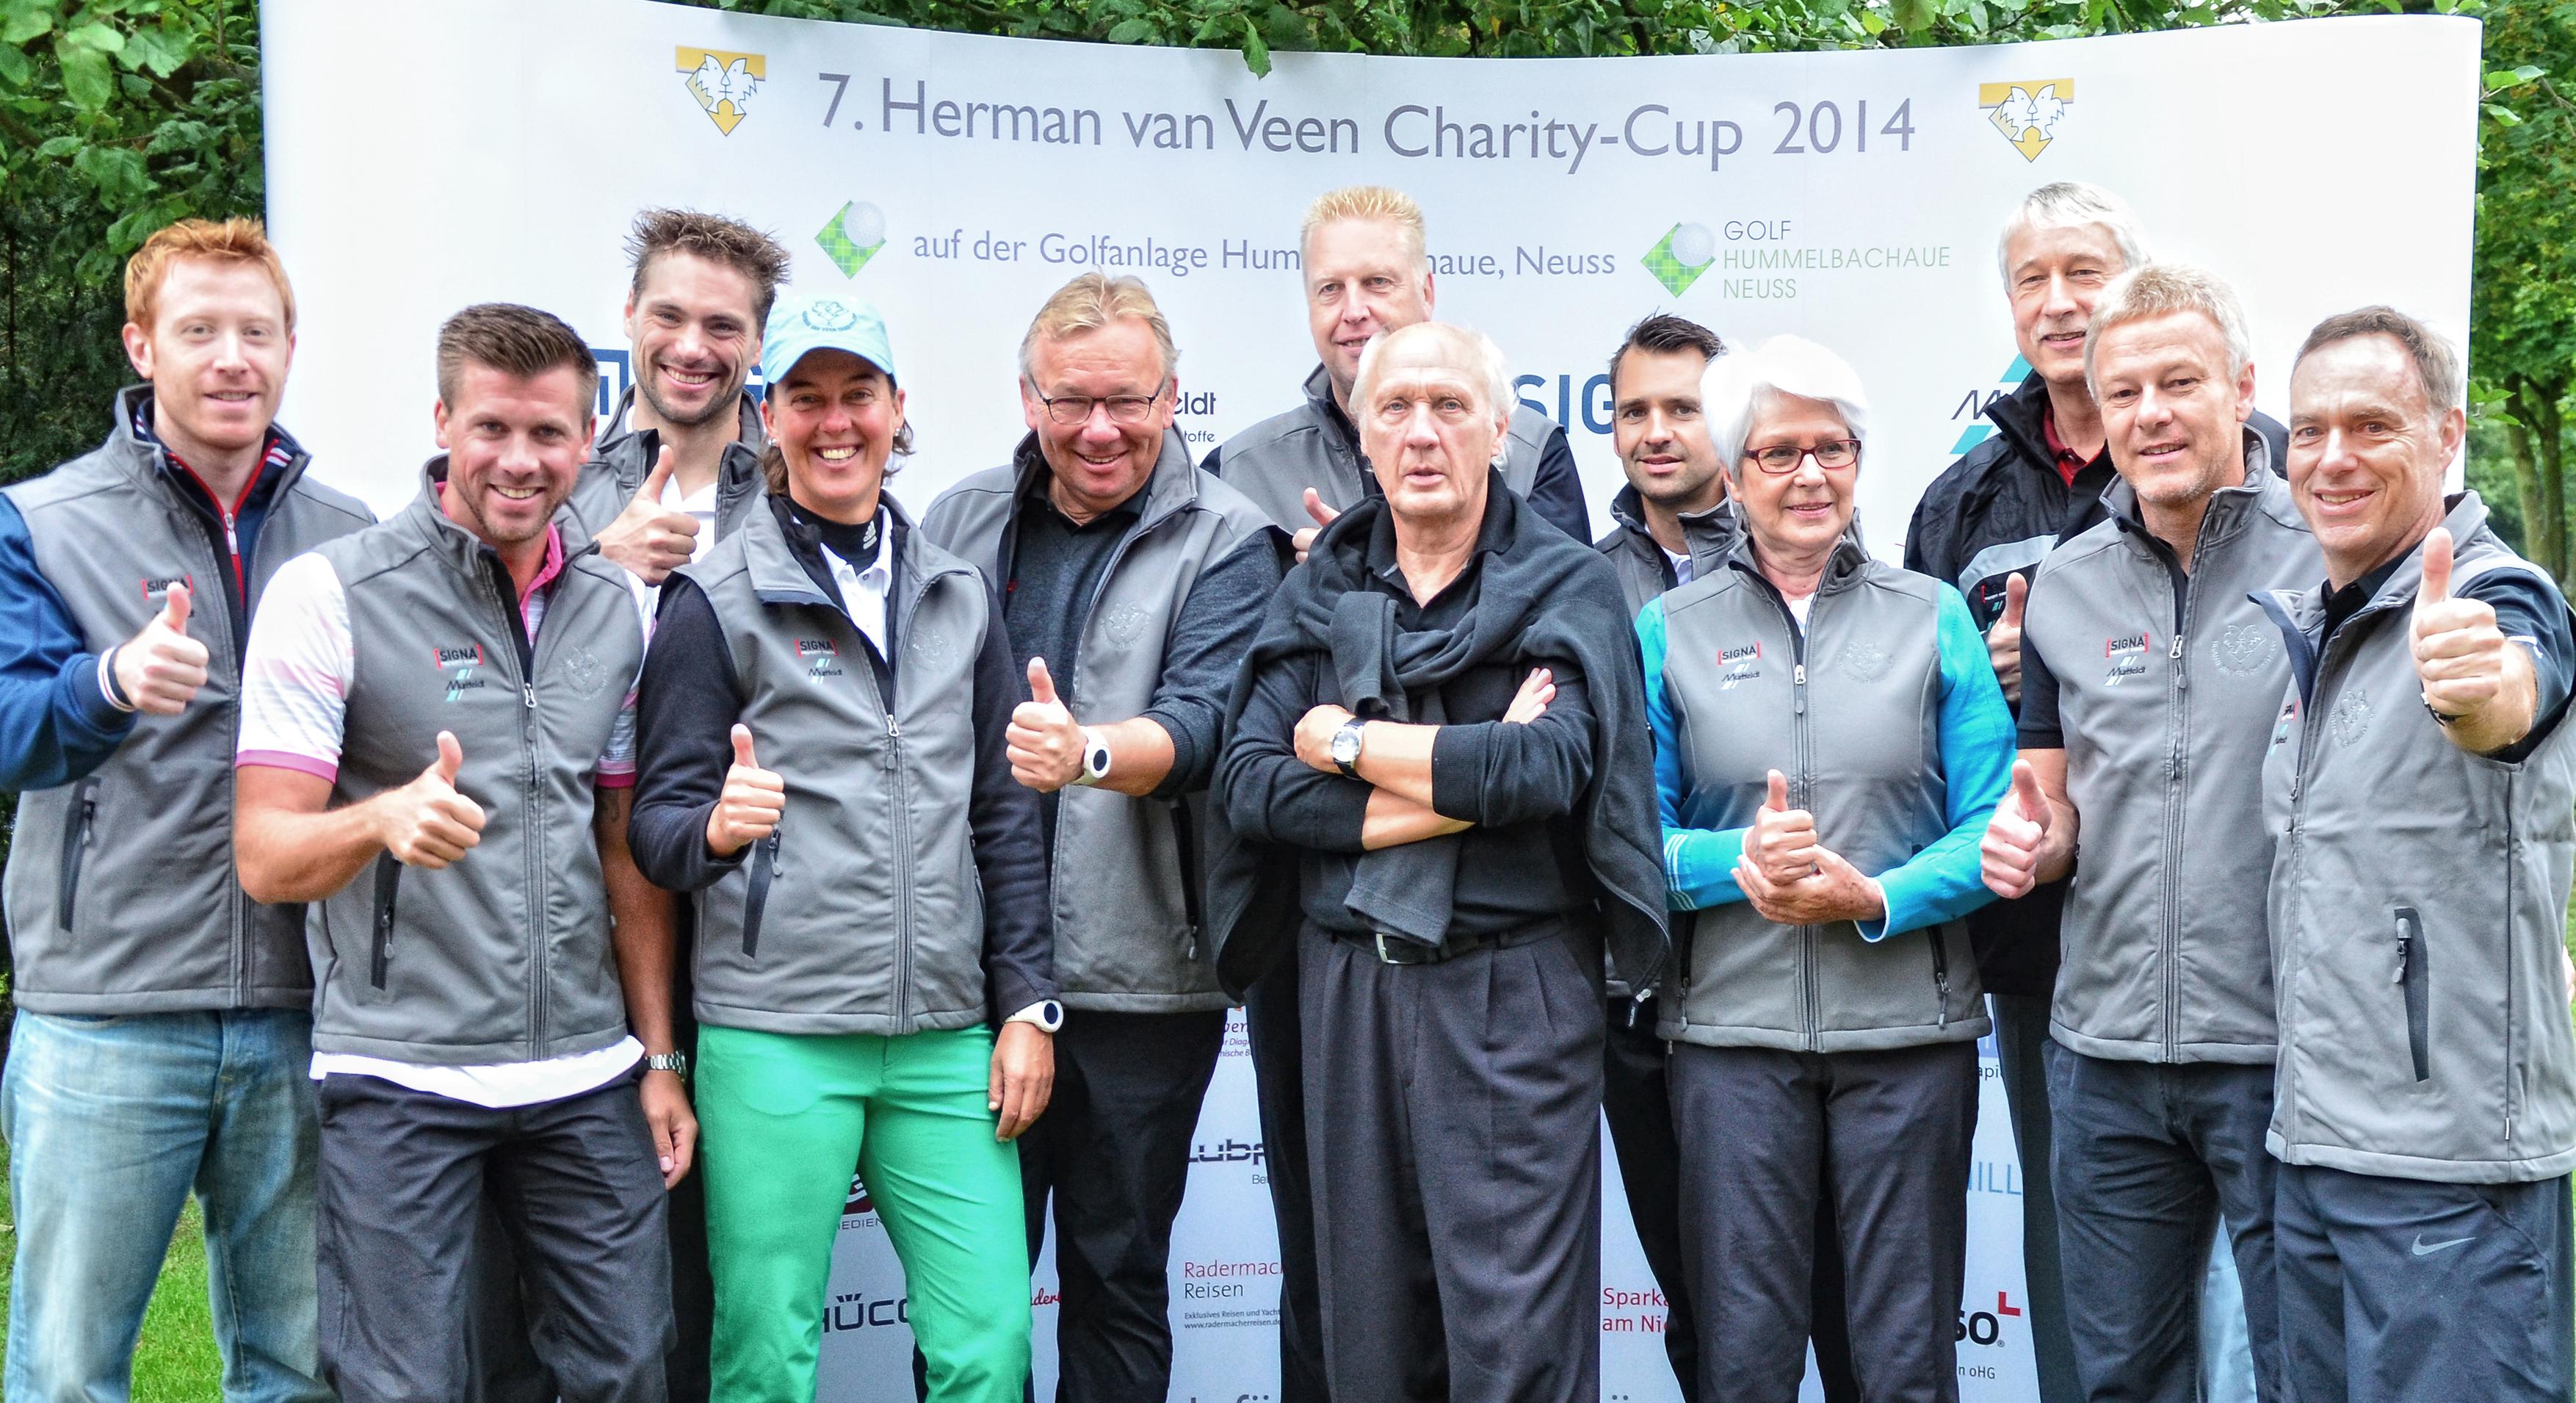 Olympiasieger und TV-Stars für den guten Zweck: Herman van Veen inmitten der Botschafter seiner Stiftung beim letztjährigen Golfevent